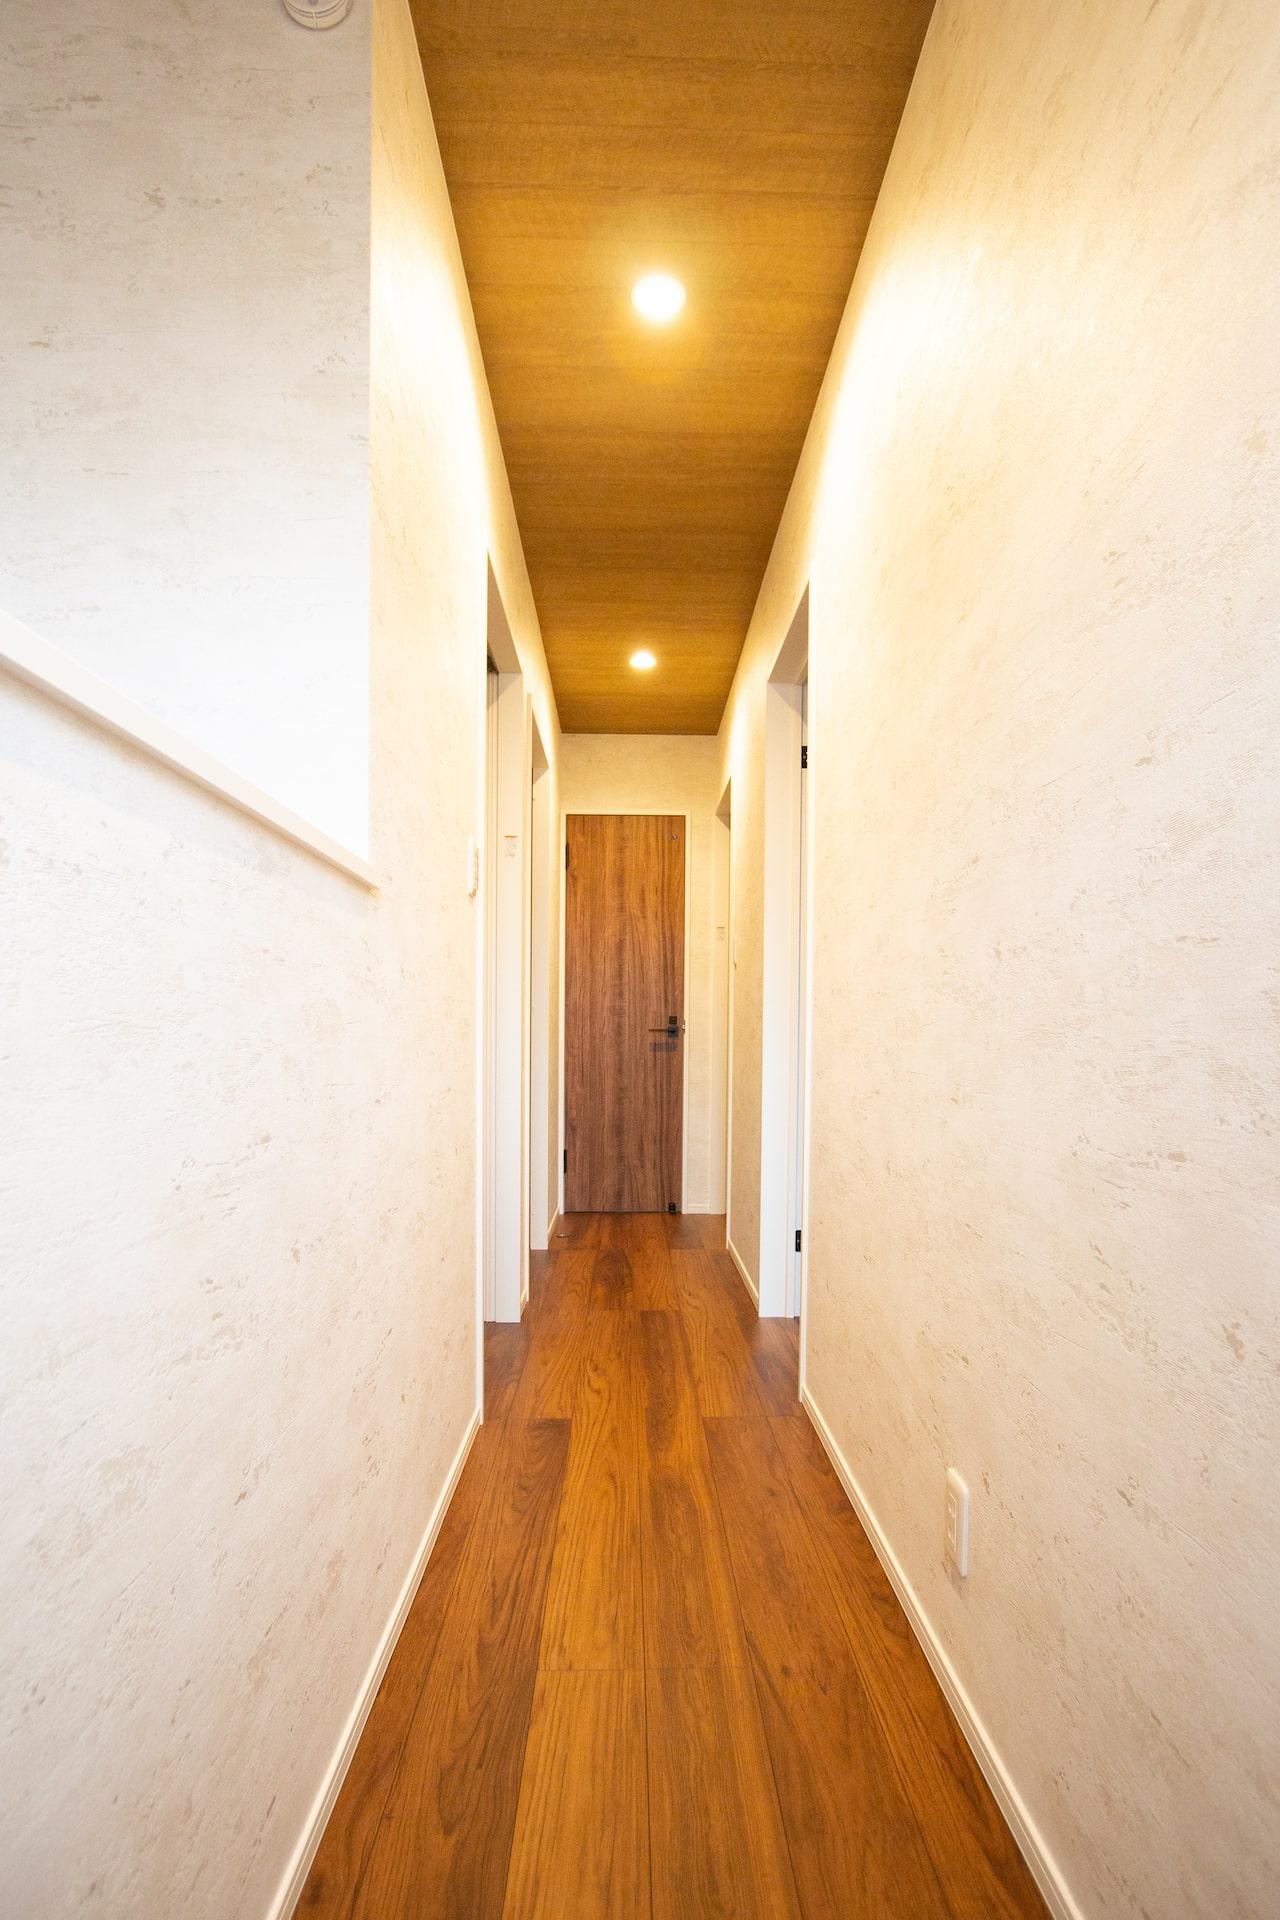 新築 豊中市 内観 階段 2F廊下